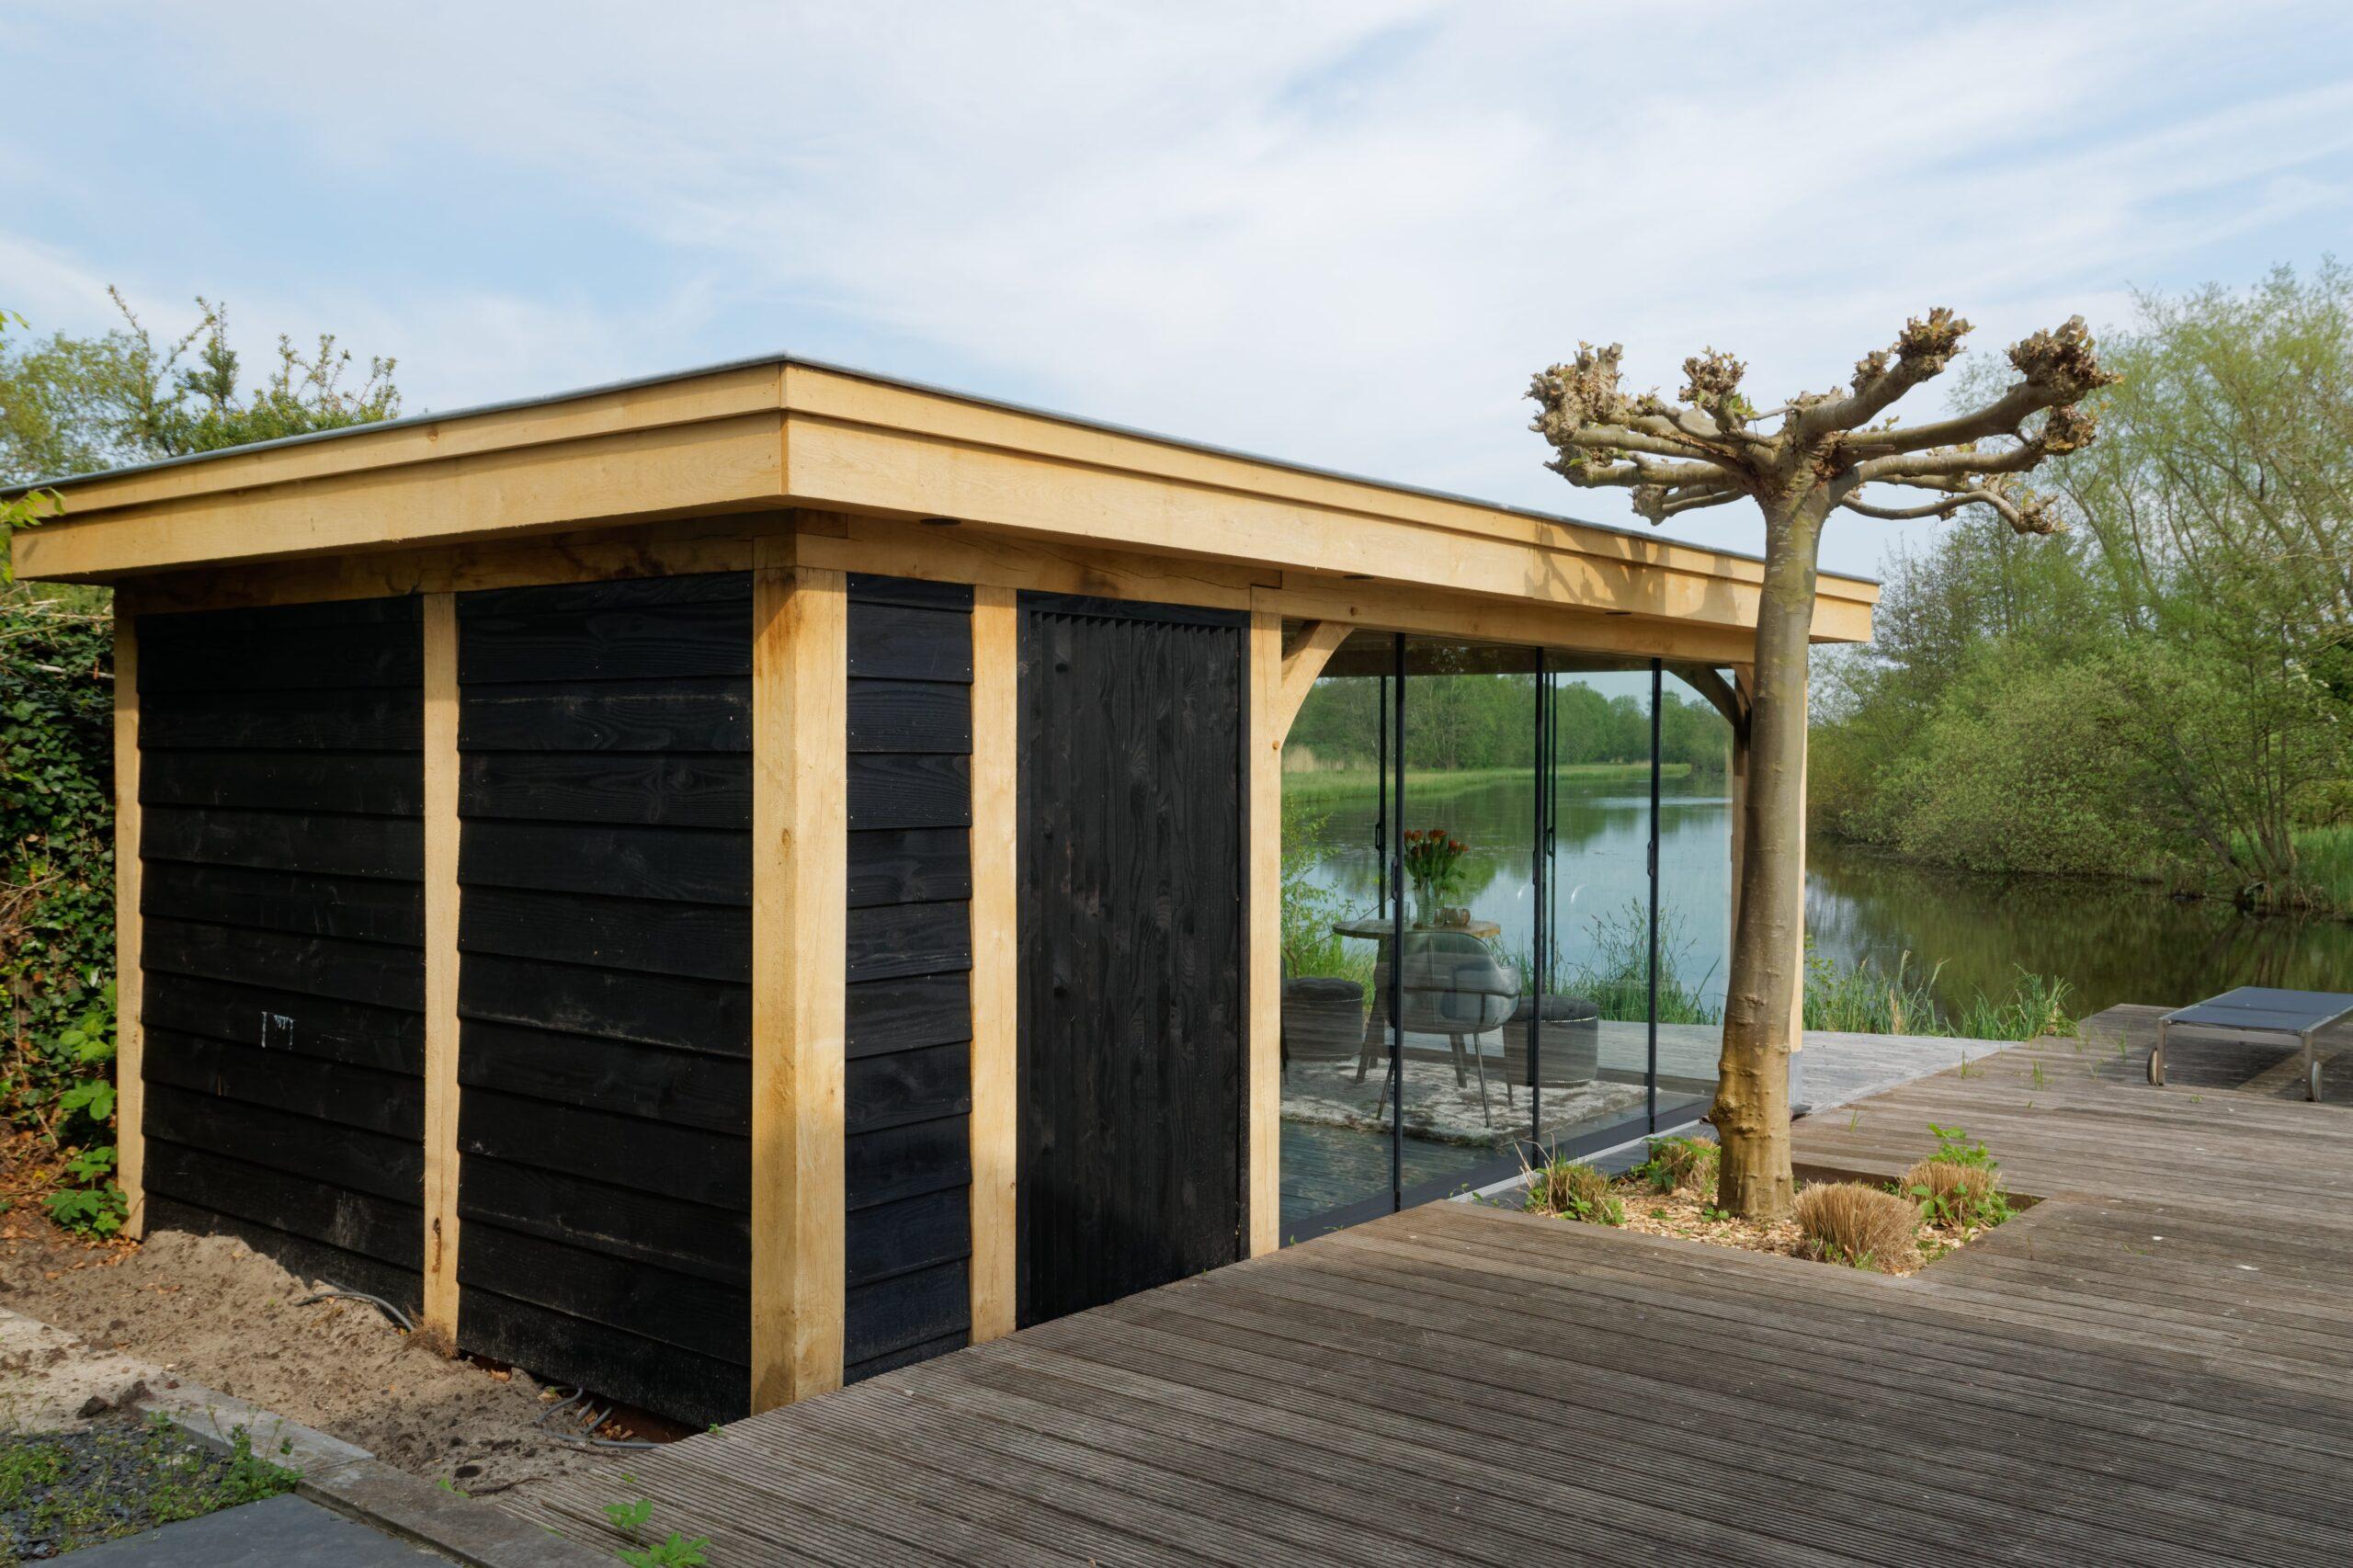 Luxe-tuinkamer-aan-het-water-1-scaled - Project Kortenhoef: Luxe tuinkamer aan het water